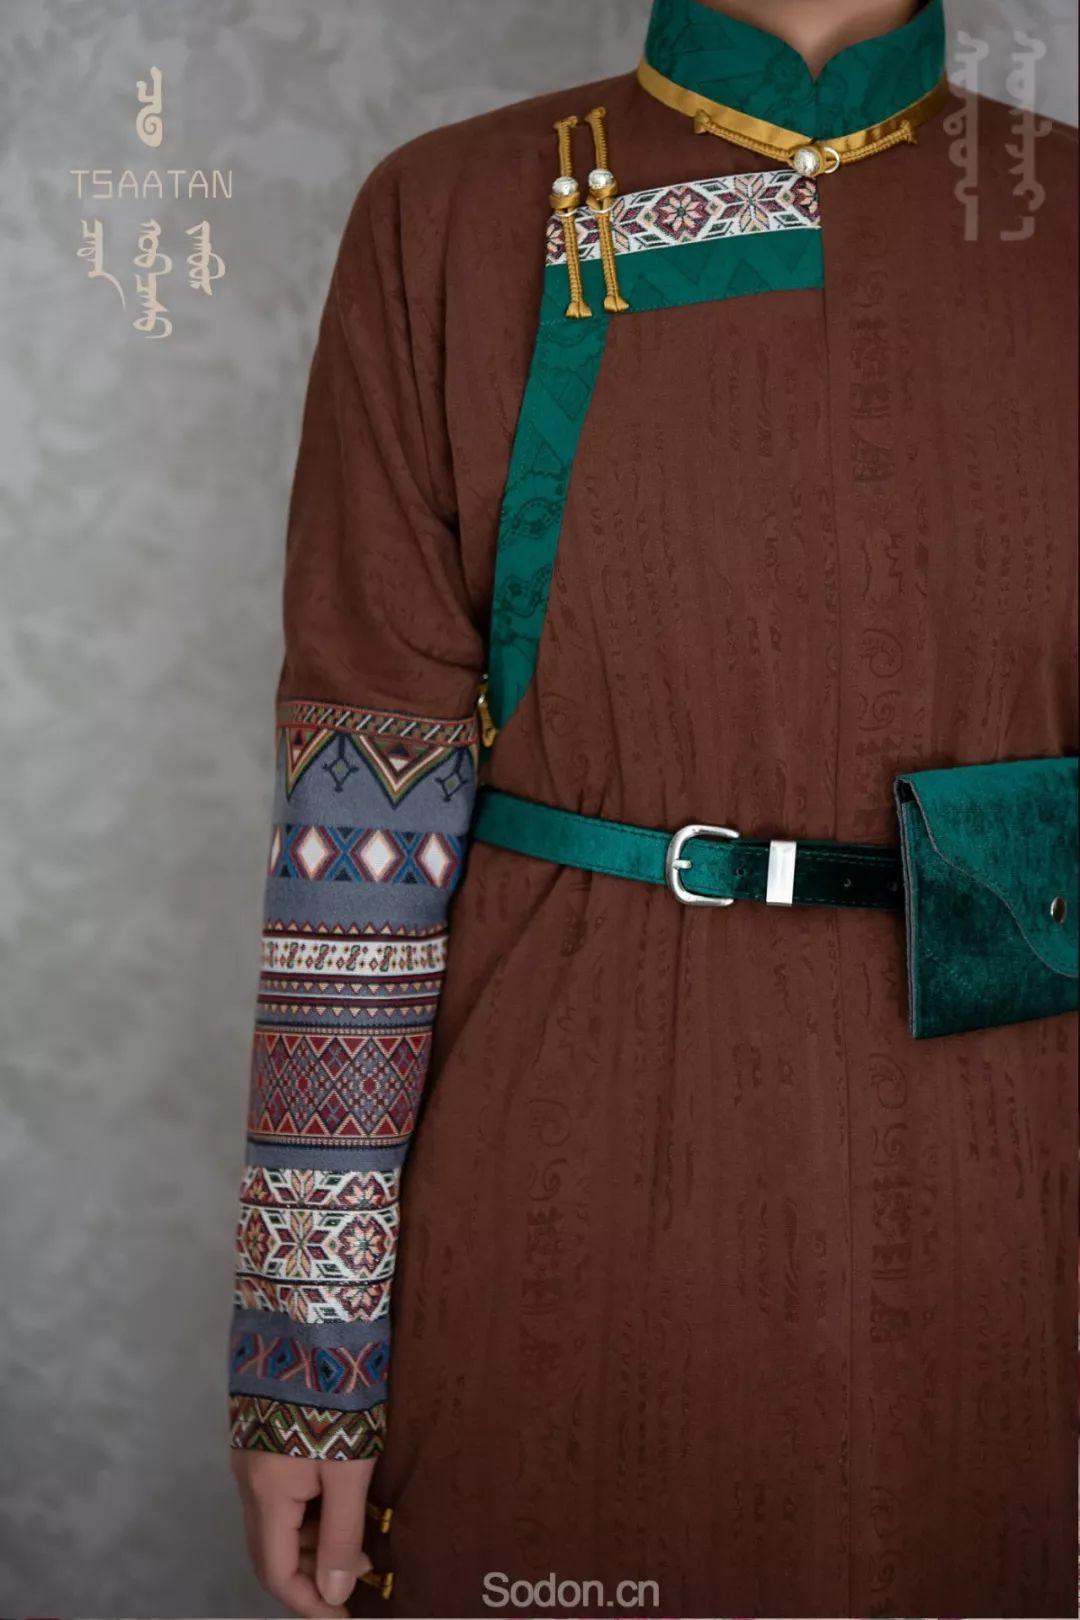 TSAATAN蒙古时装 2019新款,来自驯鹿人的独特魅力! 第52张 TSAATAN蒙古时装 2019新款,来自驯鹿人的独特魅力! 蒙古服饰